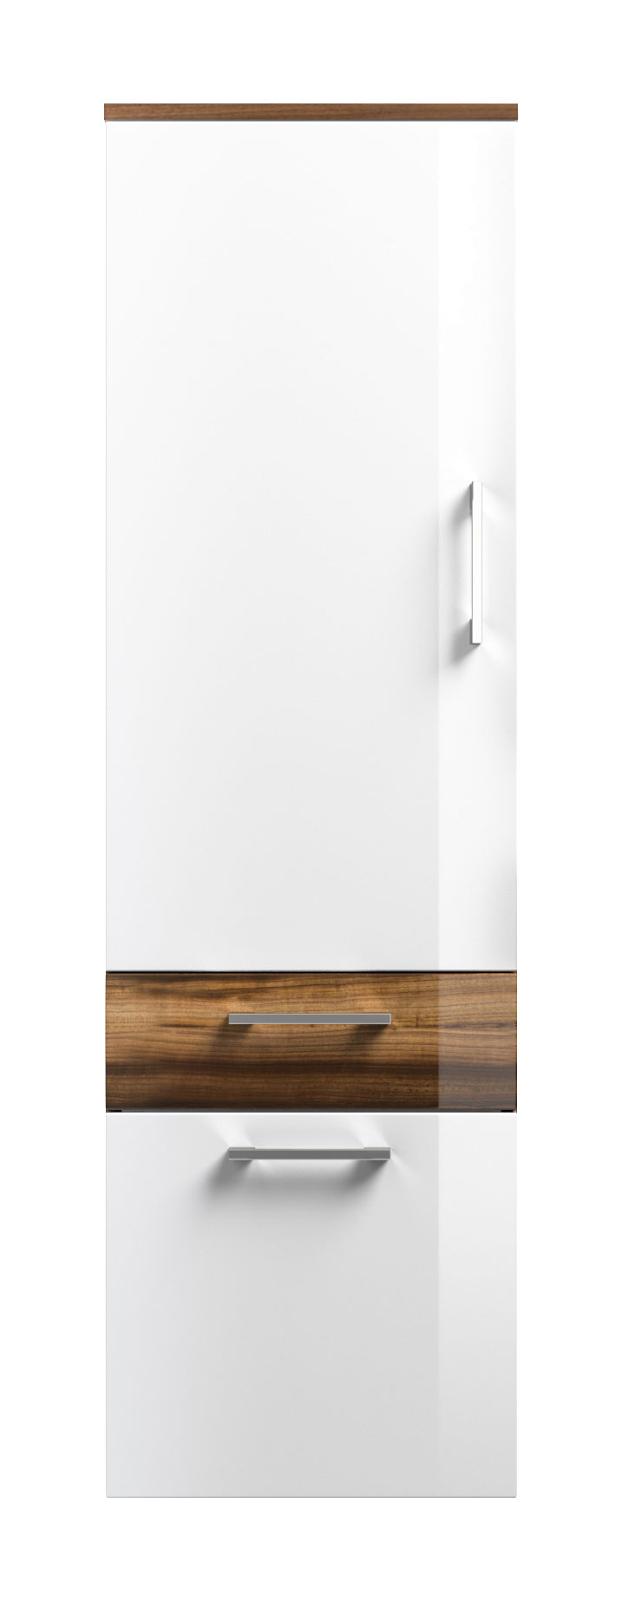 ... Pandaras3 - Designermöbel - moderne Möbel | owl-moebelhandel.de